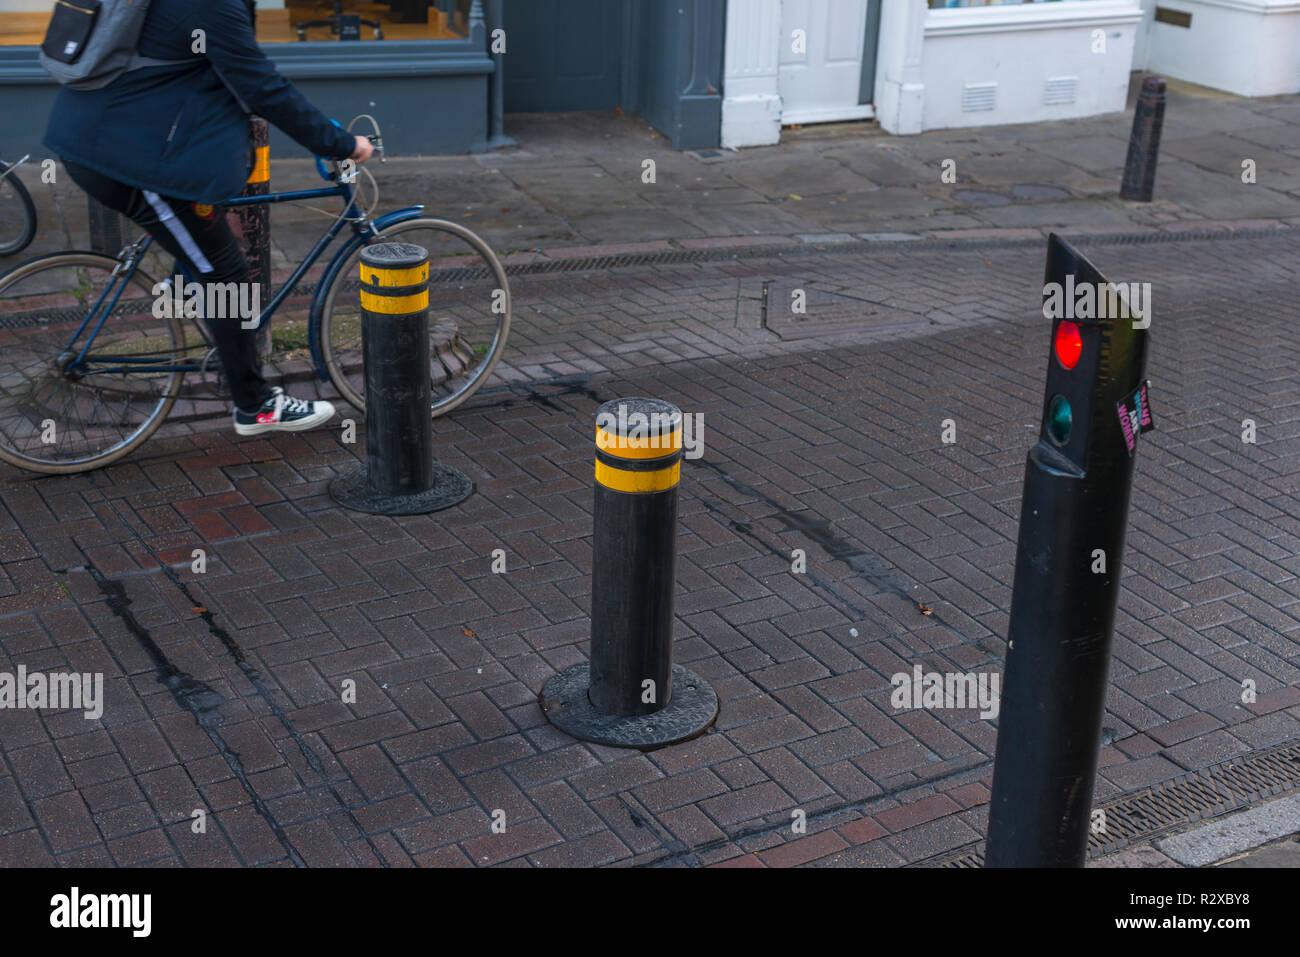 Automatische steigende Poller Verkehr in das Stadtzentrum von Cambridge, Cambridgeshire, England, Großbritannien Stockfoto